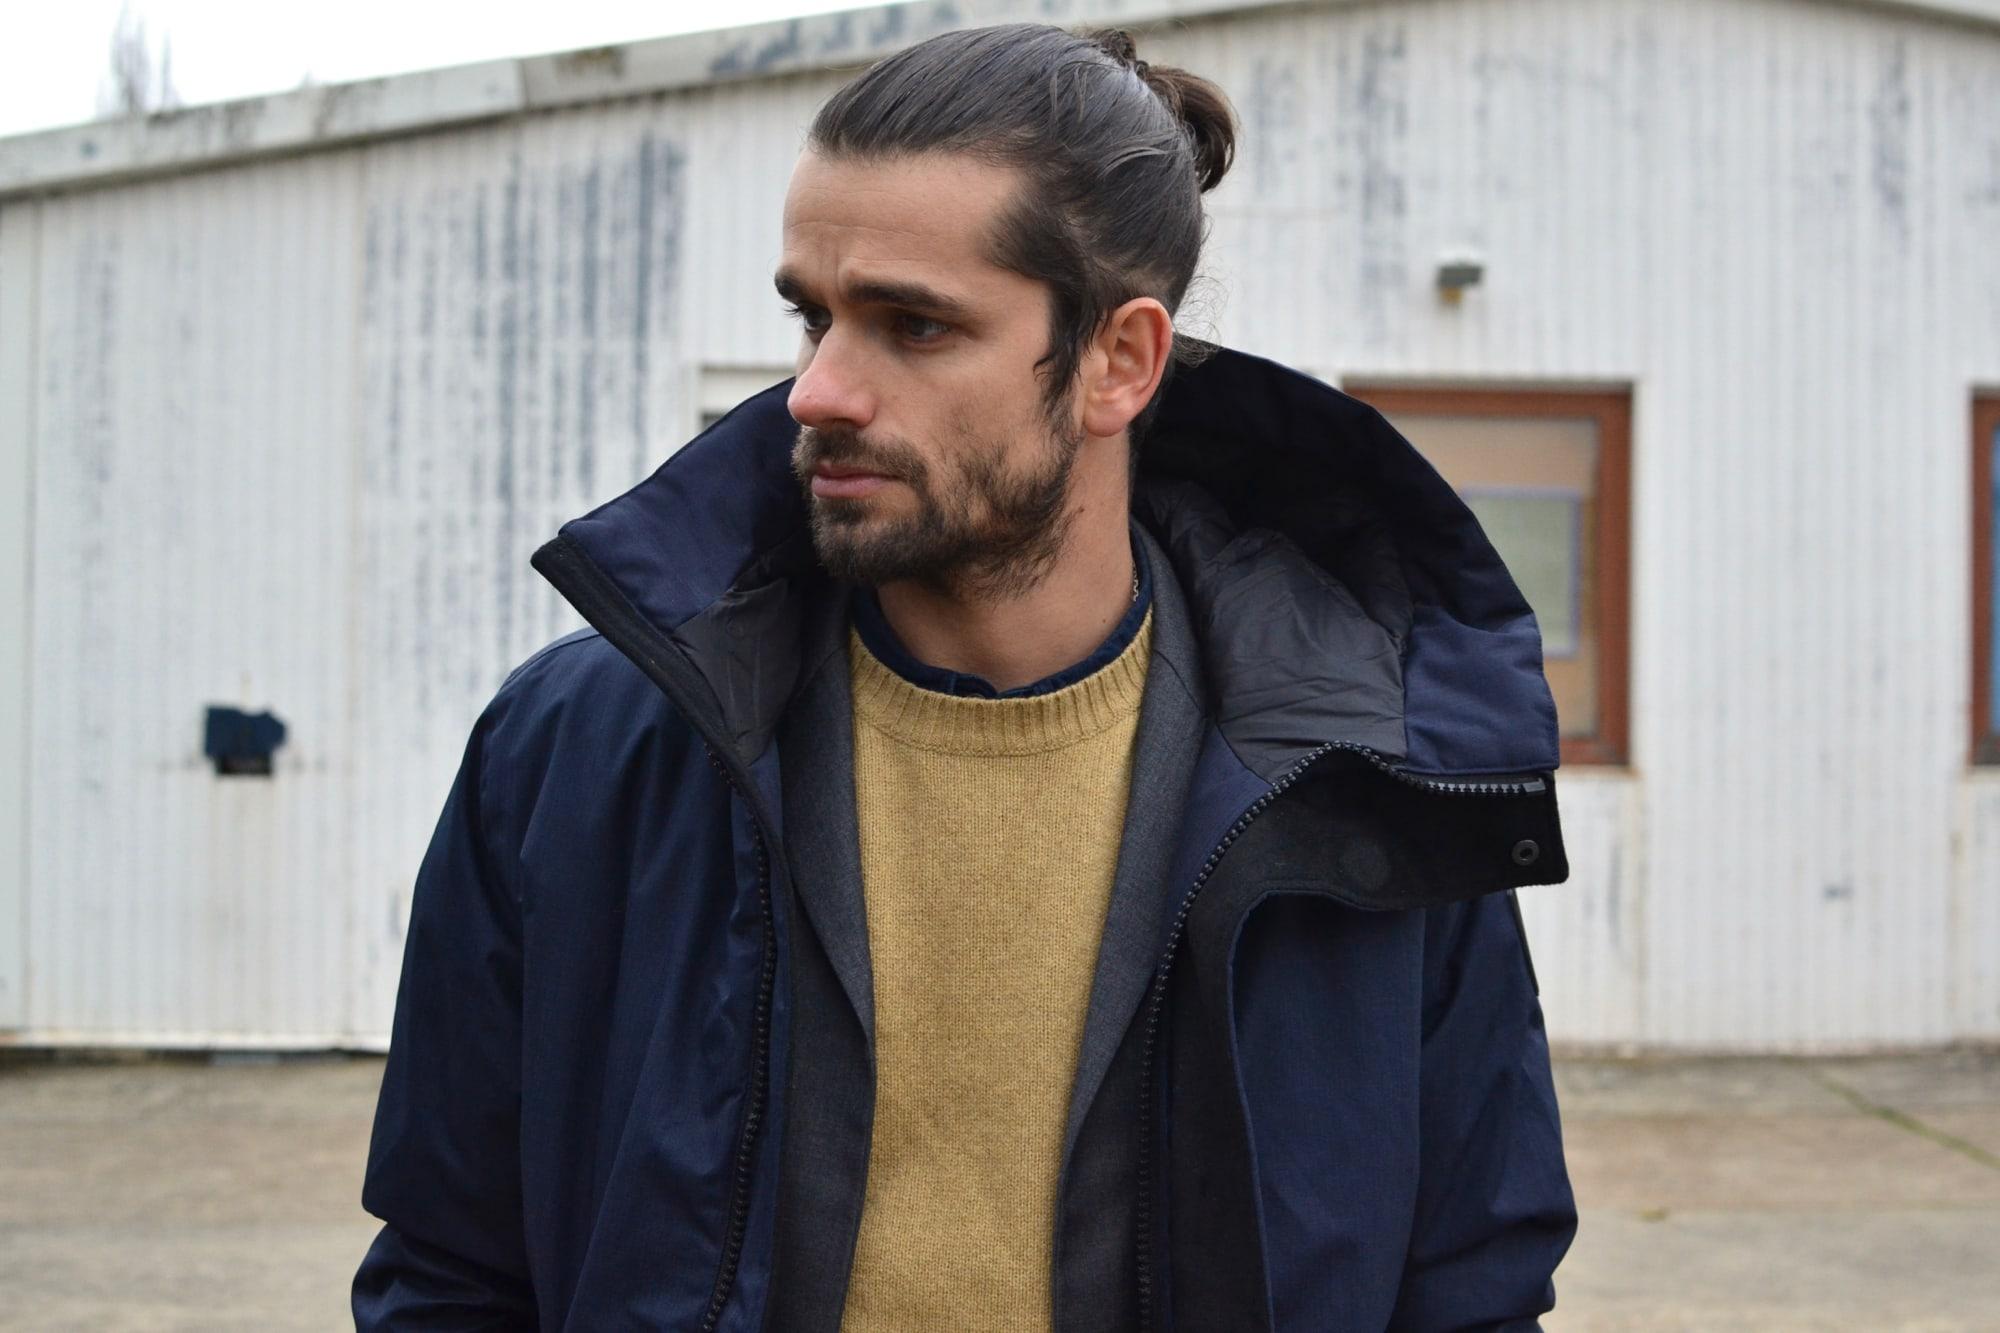 idée de style avec la parka Nobis modèle Pierre et pull lafaurie paris en shetland made in itlay